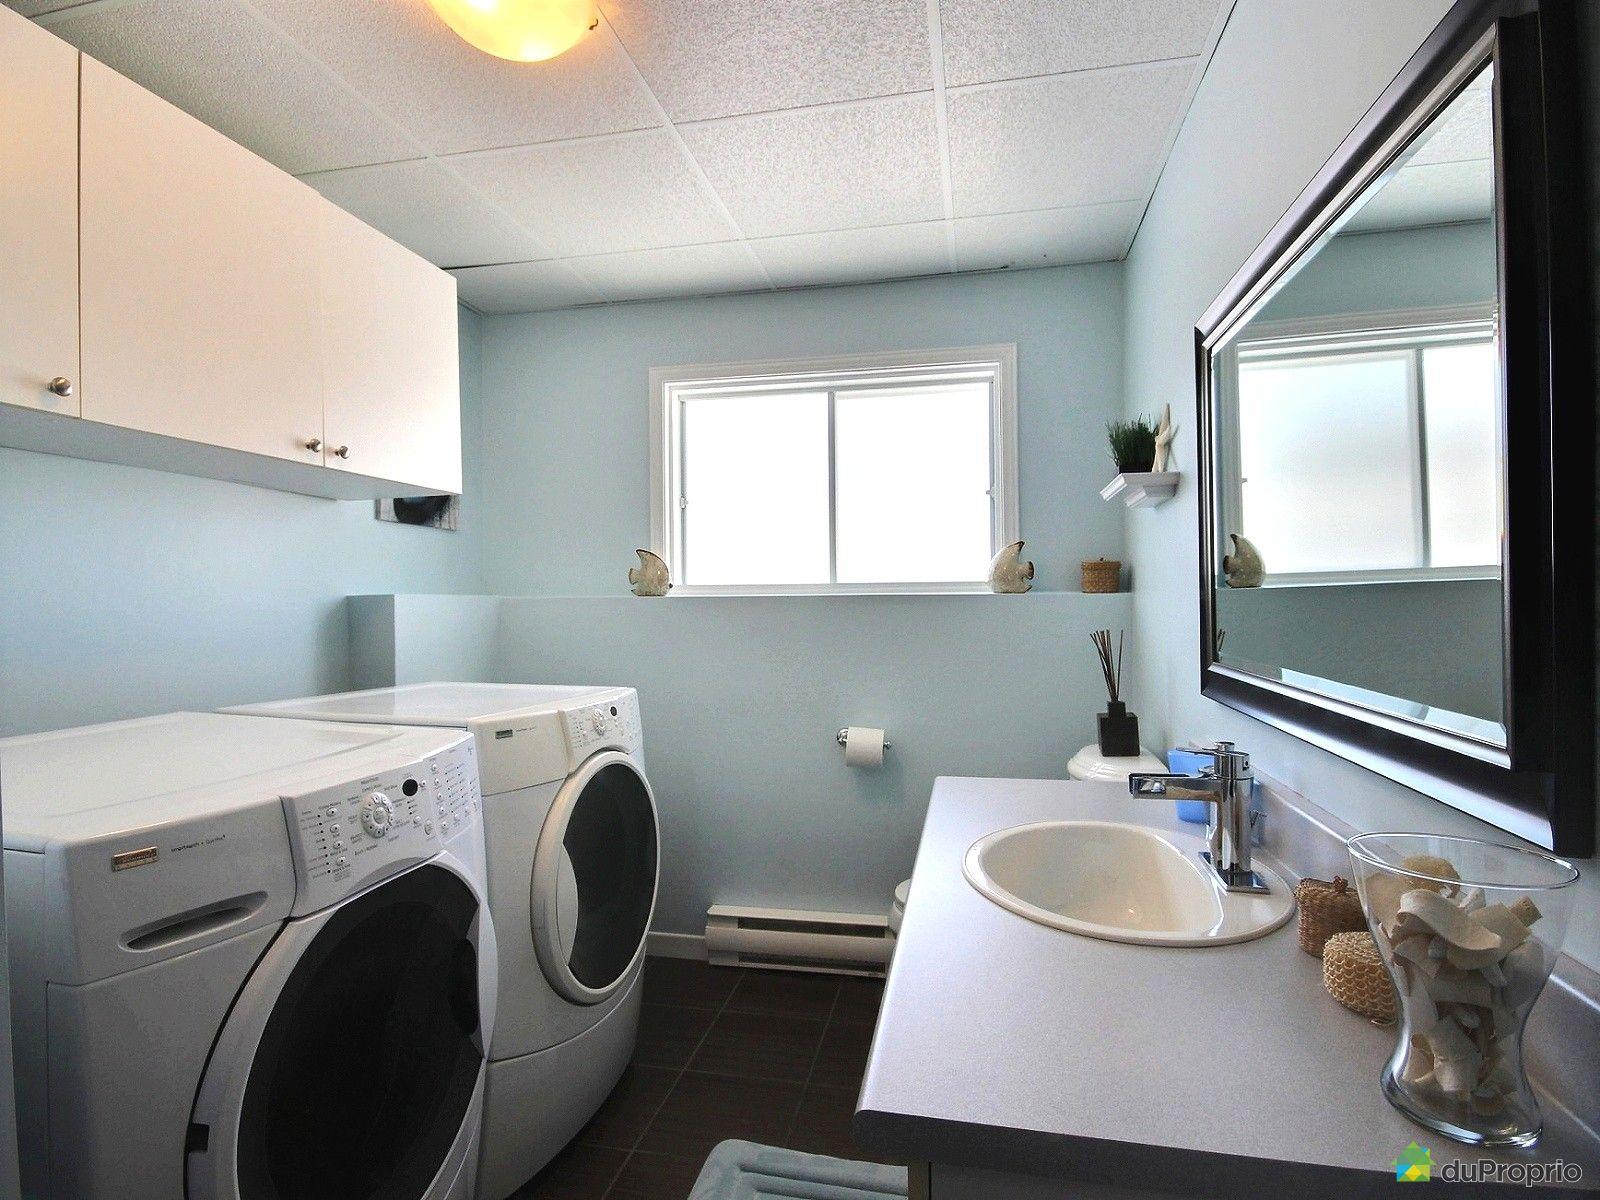 Maison vendu sherbrooke immobilier qu bec duproprio for Plancher salle de bain sous sol